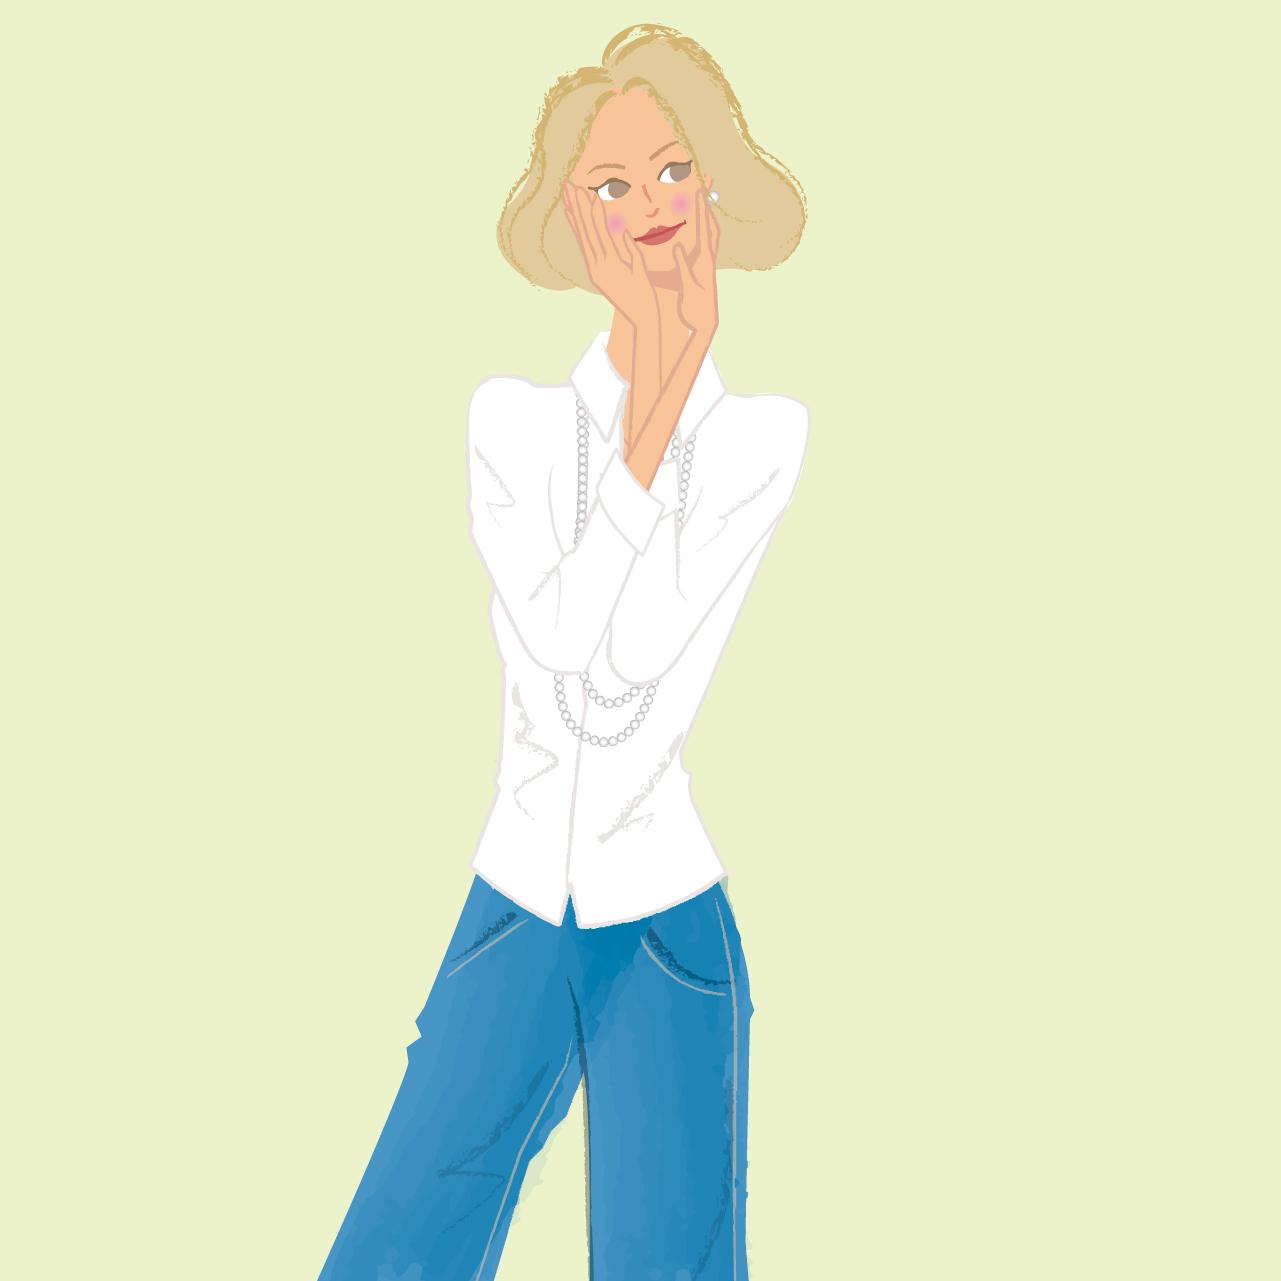 白いシャツを着た女性のイラスト